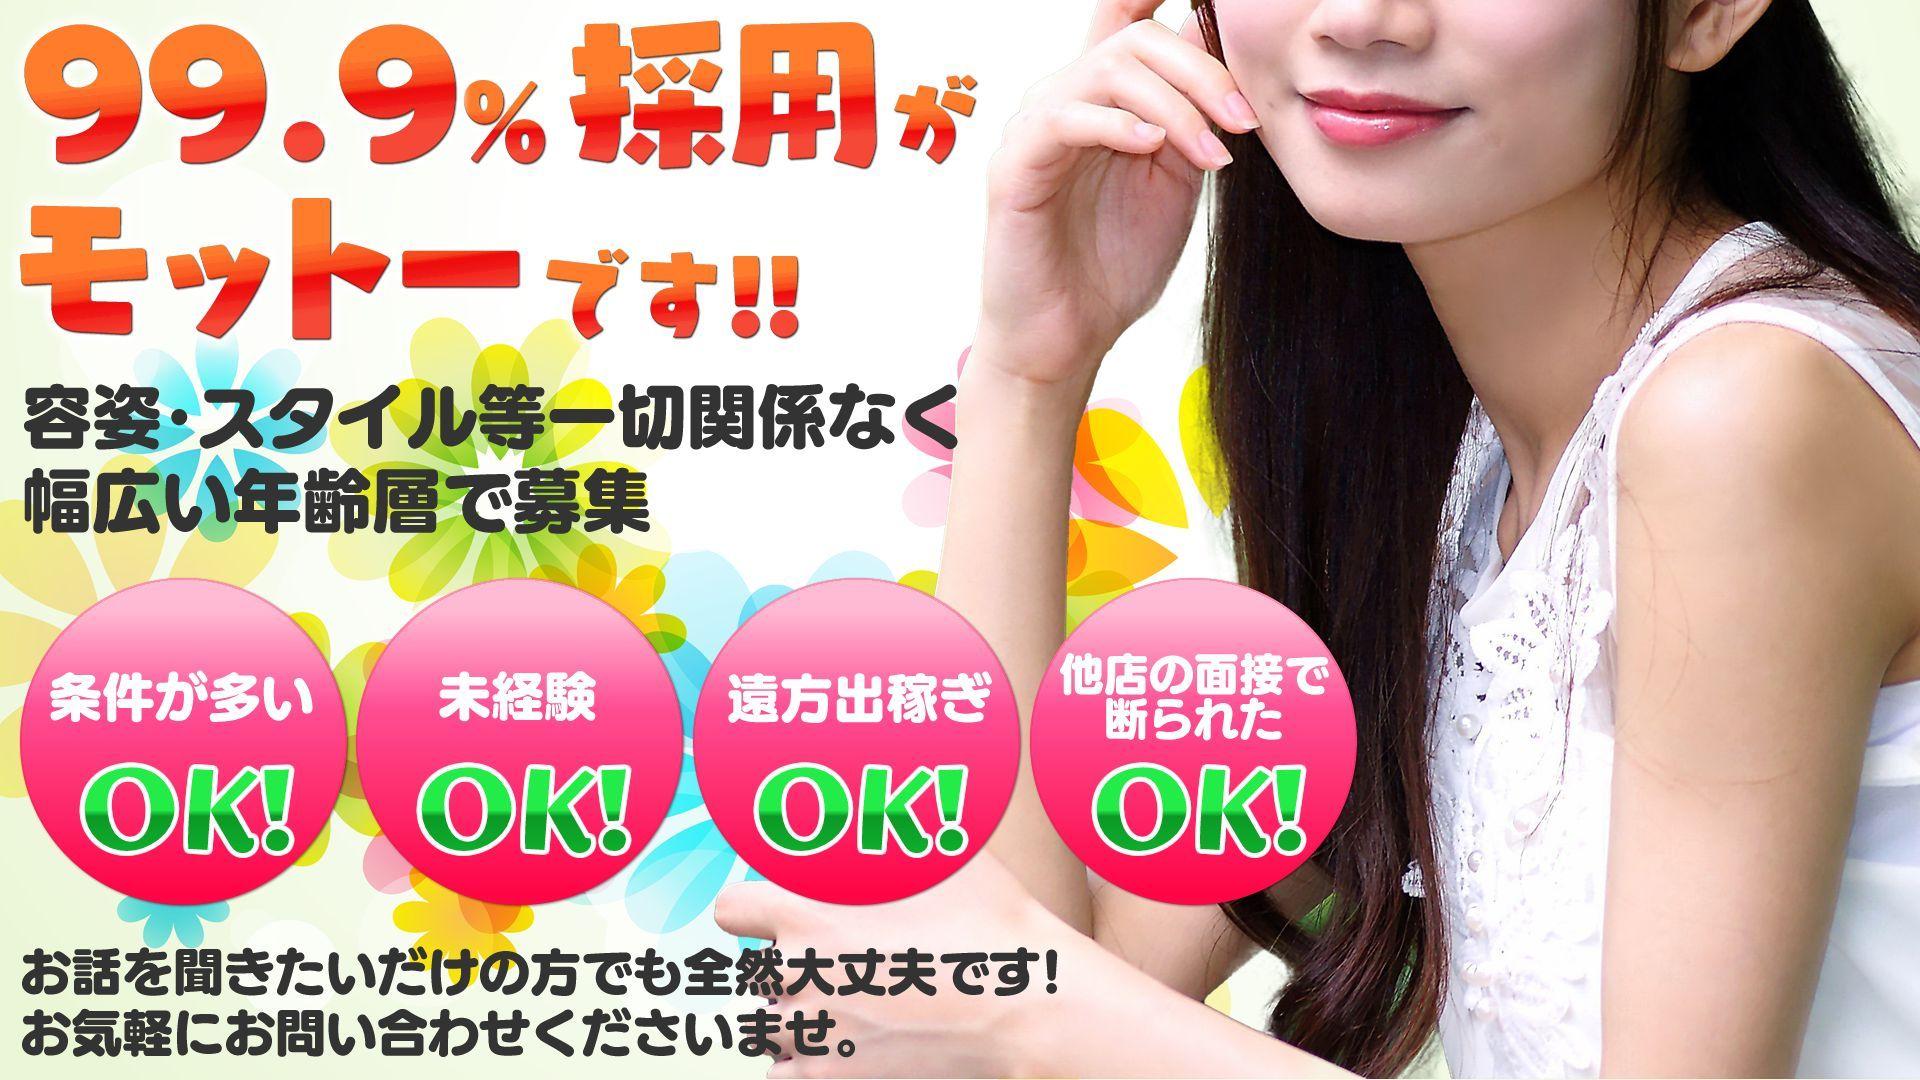 静岡♂風俗の神様 静岡店(LINE GROUP)の求人画像